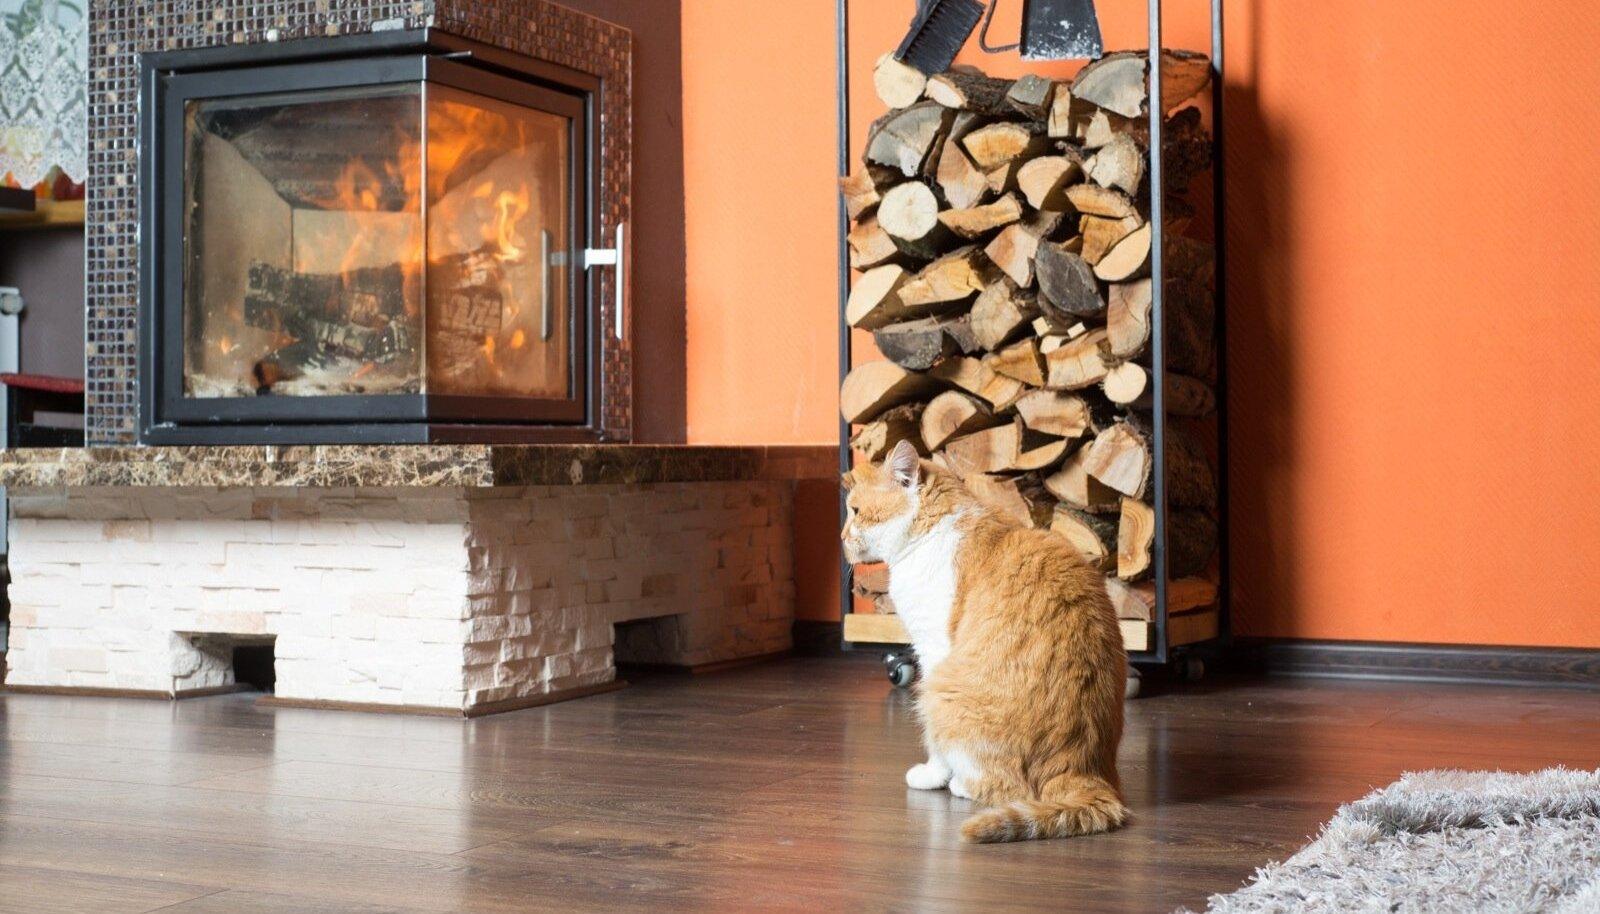 Selleks et rahus kaminatuld nautida, tuleb nii rauast kaminasüdamikku kui ka ümberkaudseid seinu korralikult kuumuse eest kaitsta.